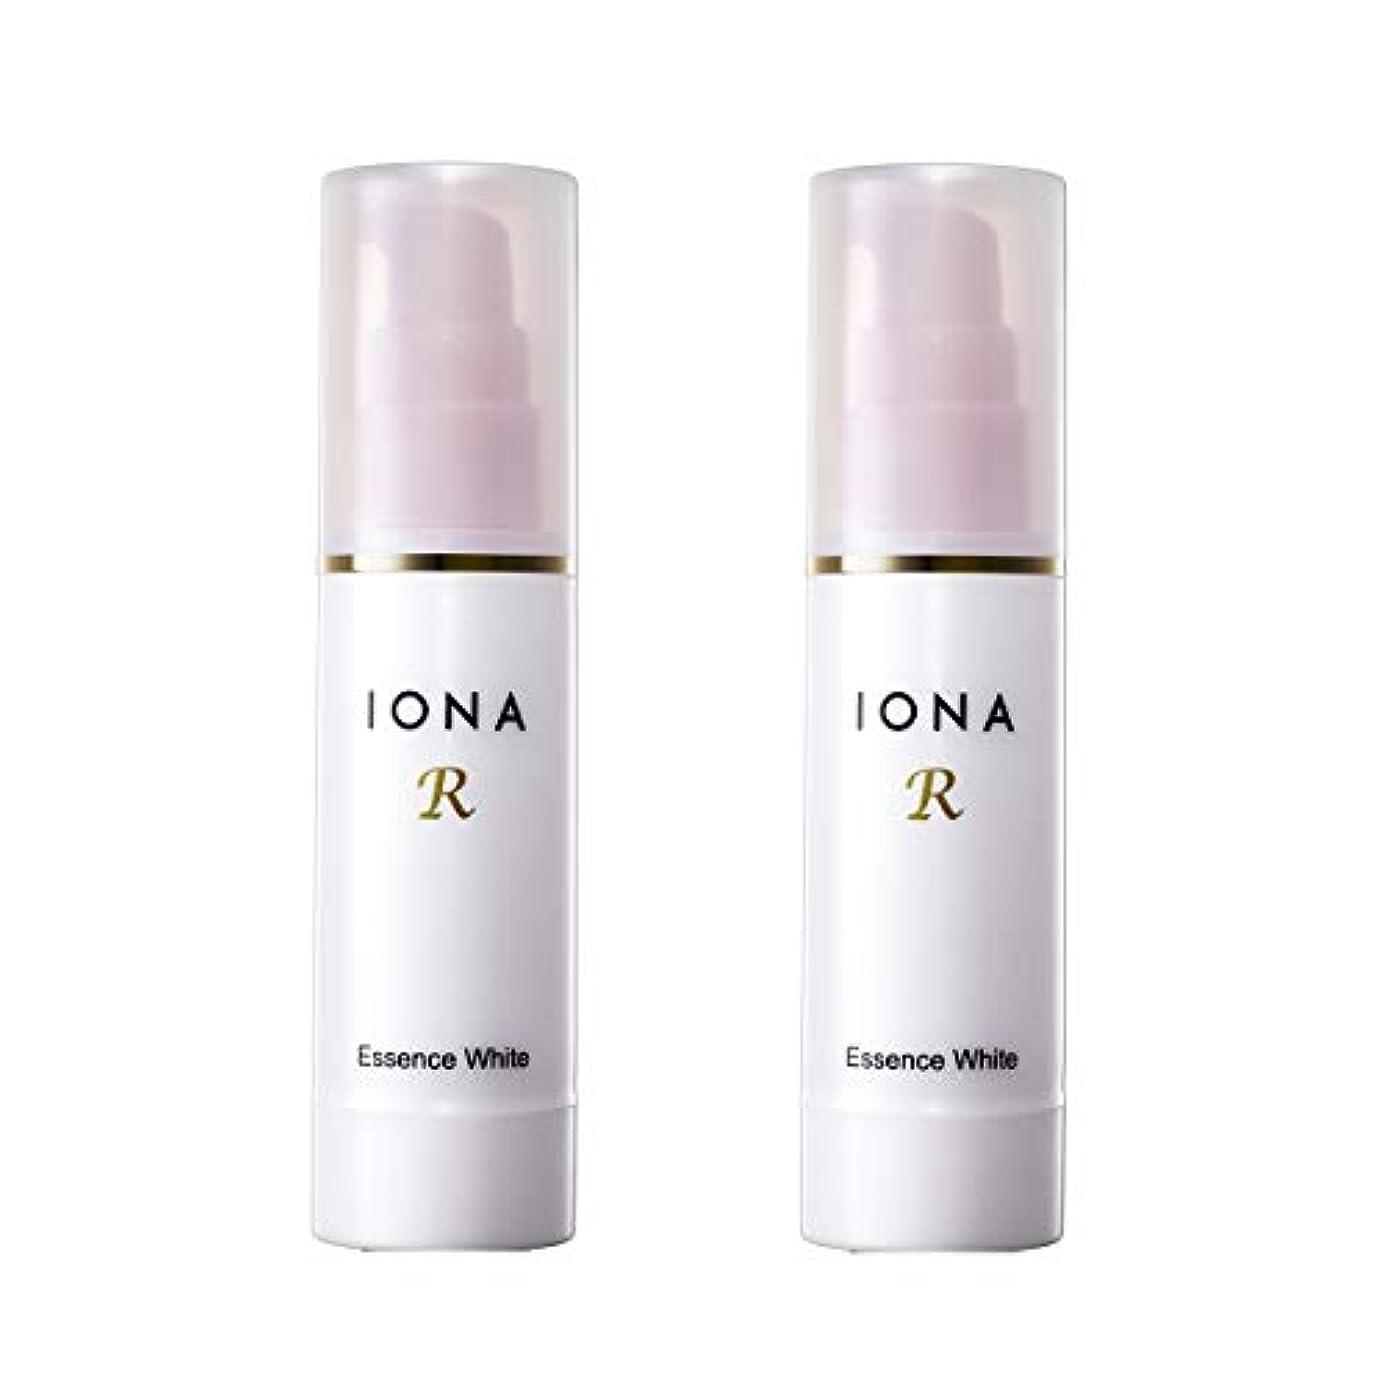 勤勉本体集中的なイオナR エッセンスホワイト 美容液 2個セット 【通常価格より20%OFF】高機能ビタミンC配合美容液 IONA R イオナアール イオナのビタミンC